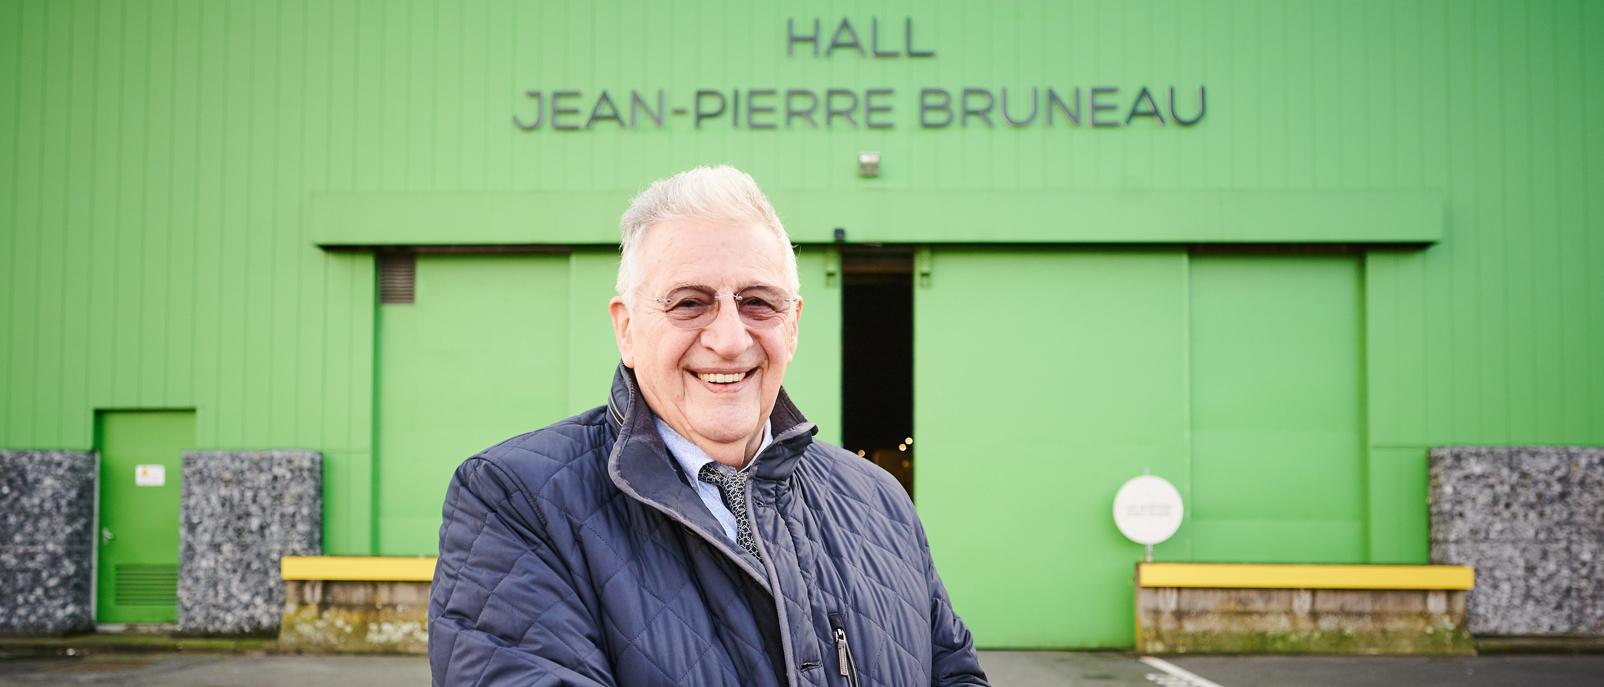 La halle G du marché a été baptisée du nom du Chef Jean-Pierre Bruneau